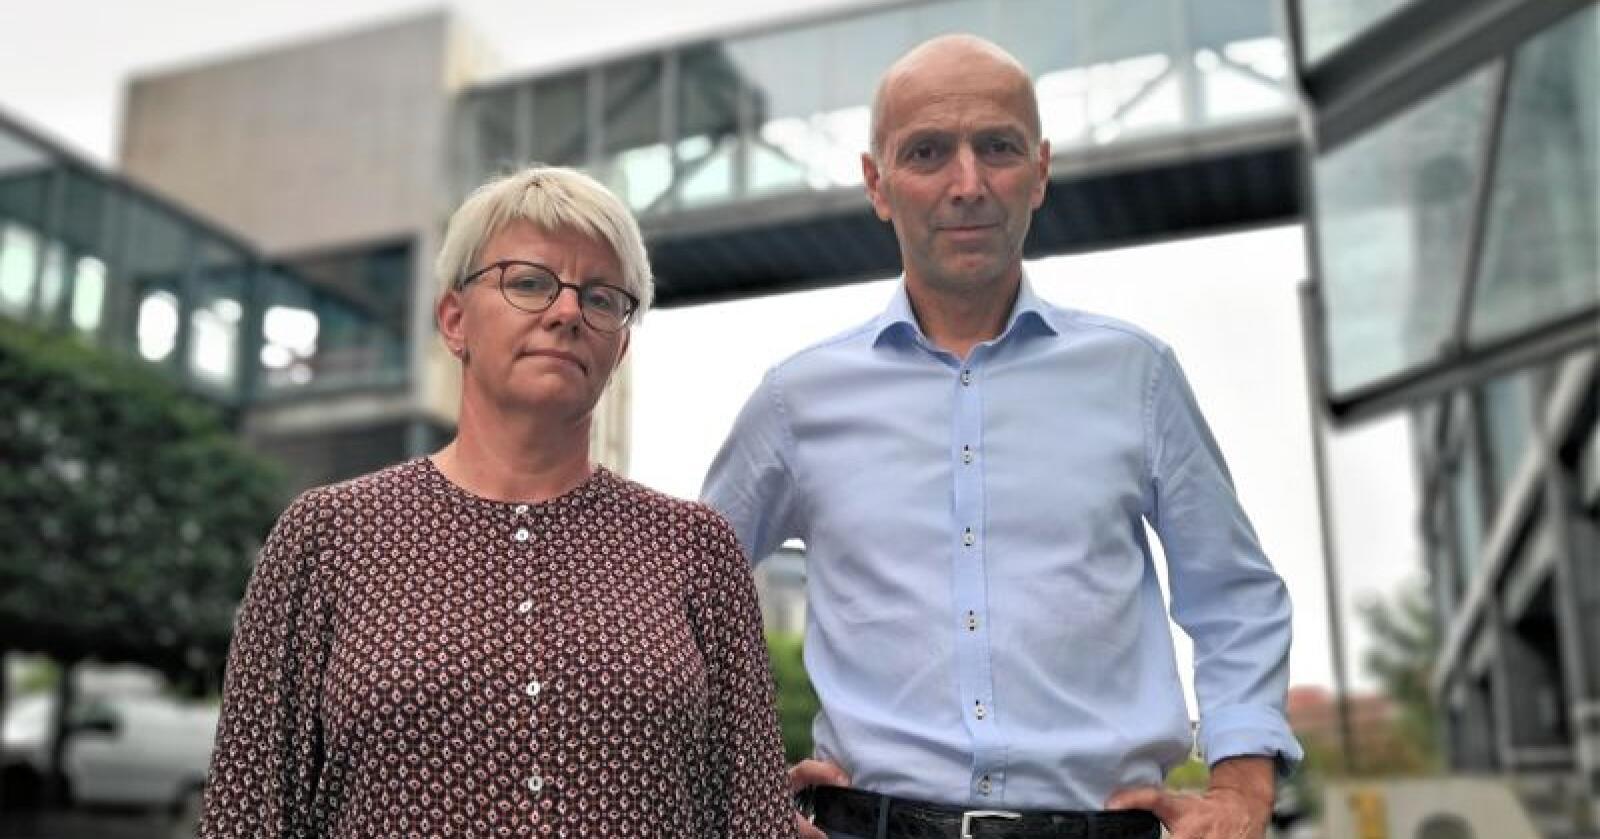 Tines styreleder Marit Haugen og konsernsjef Gunnar Hovland tror mer av overskuddet til samvirket kan gå tilbake til eierne. Foto: Jon-Fredrik Bækgaard Klausen